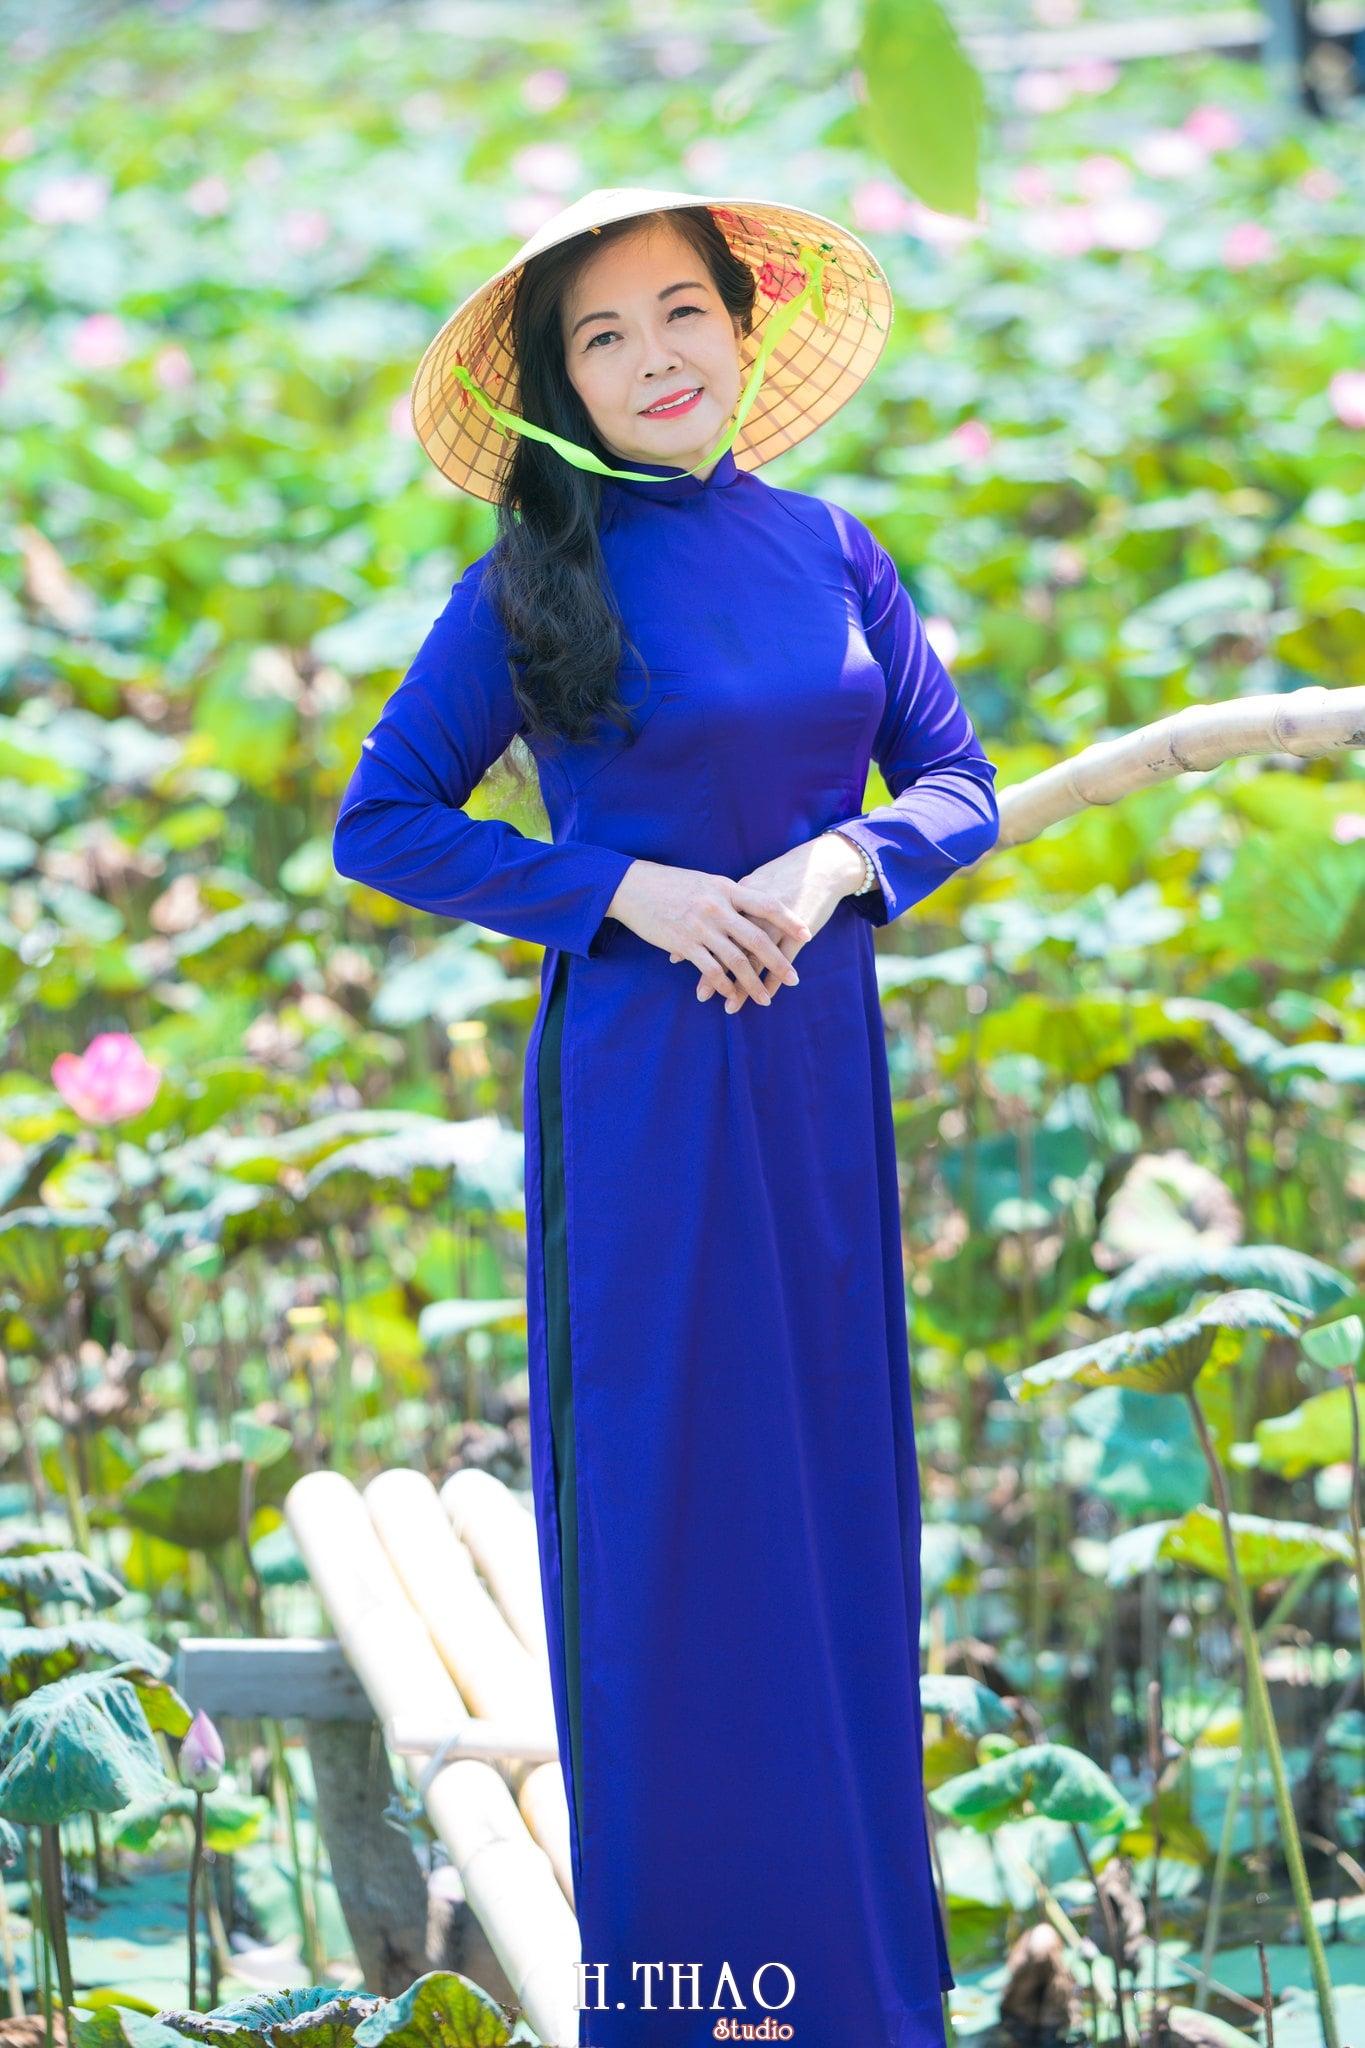 nh áo dài hoa sen 24 - Góc ảnh áo dài tuổi 50 cô Phương chụp với hoa sen- HThao Studio